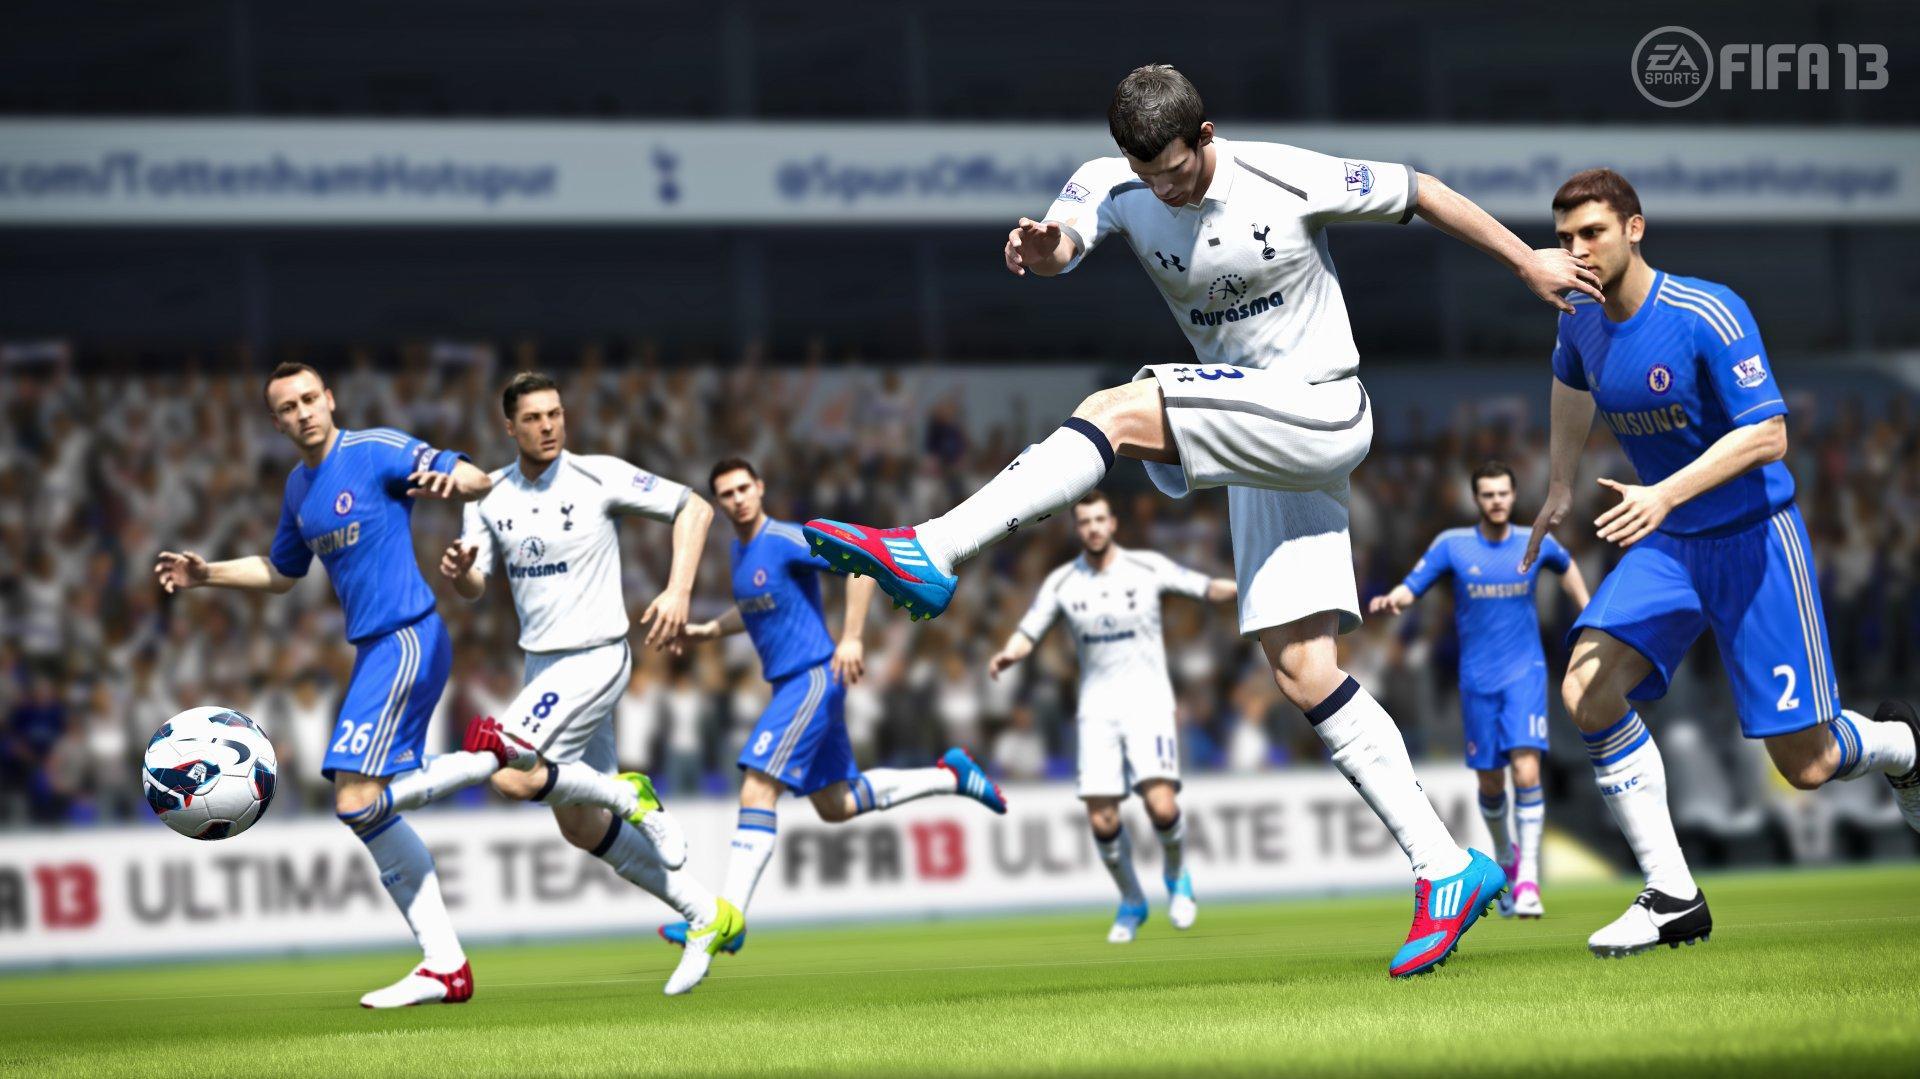 Image54 de FIFA 13